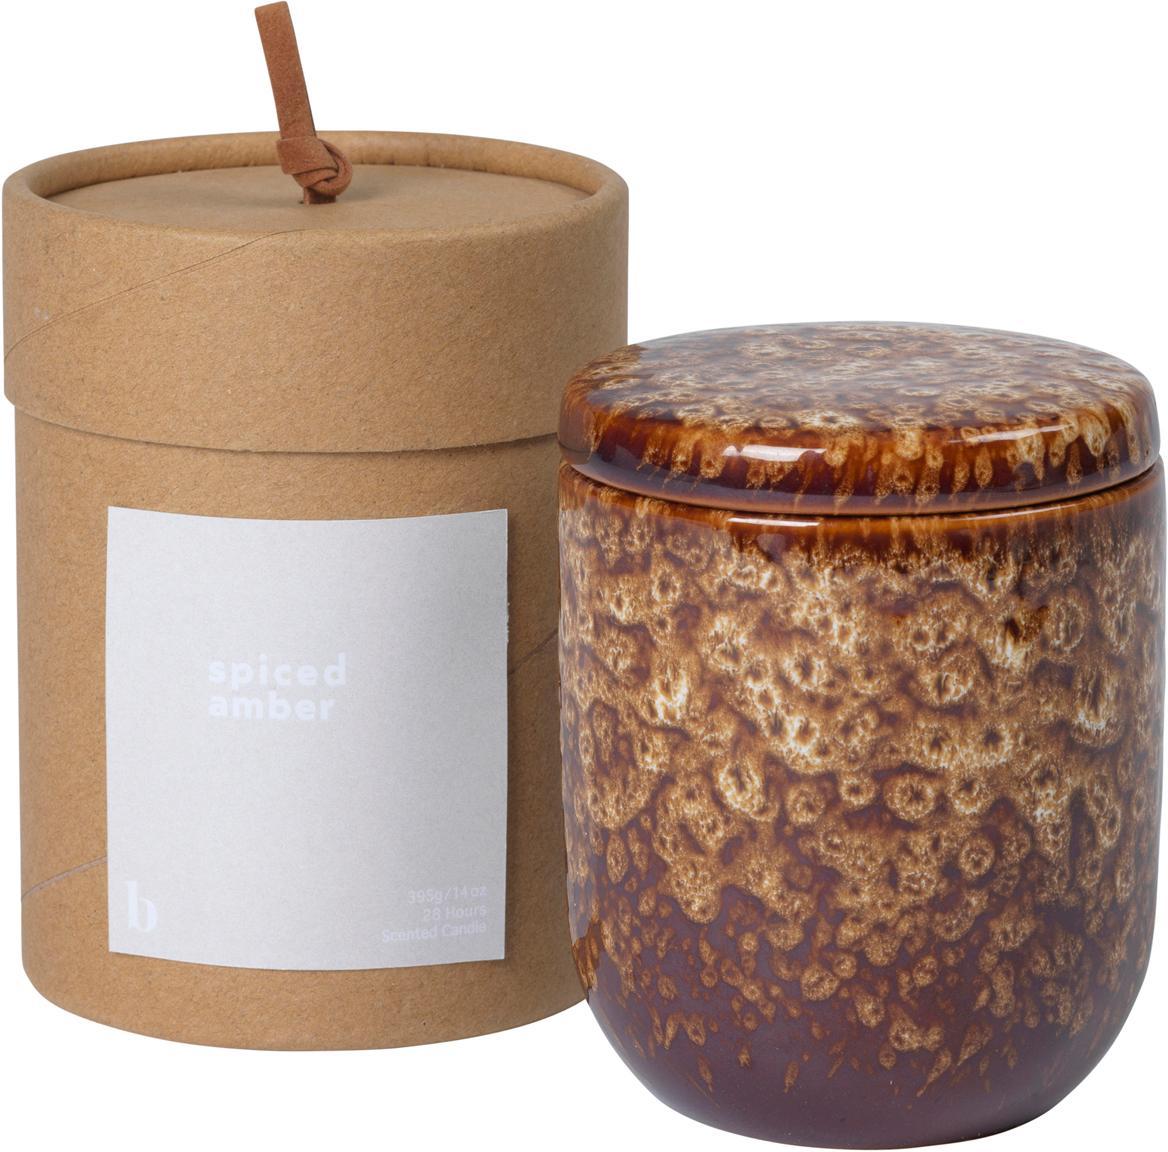 Świeca zapachowa Spiced Amber, Odcienie brązowego, Ø 8 x W 9 cm